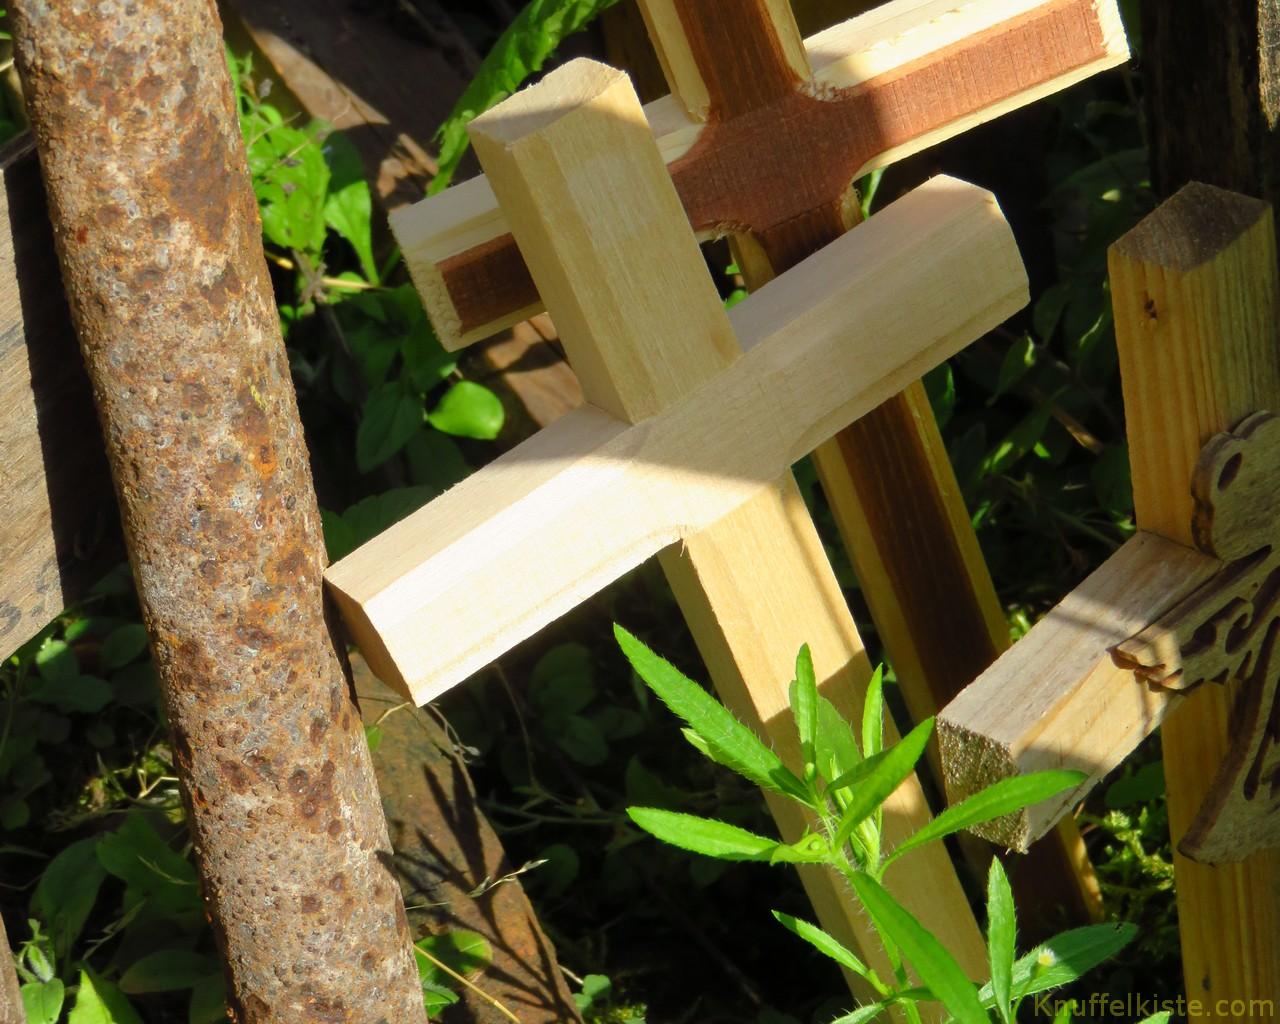 unsere beiden Kreuze,am Berg der Kreuze!